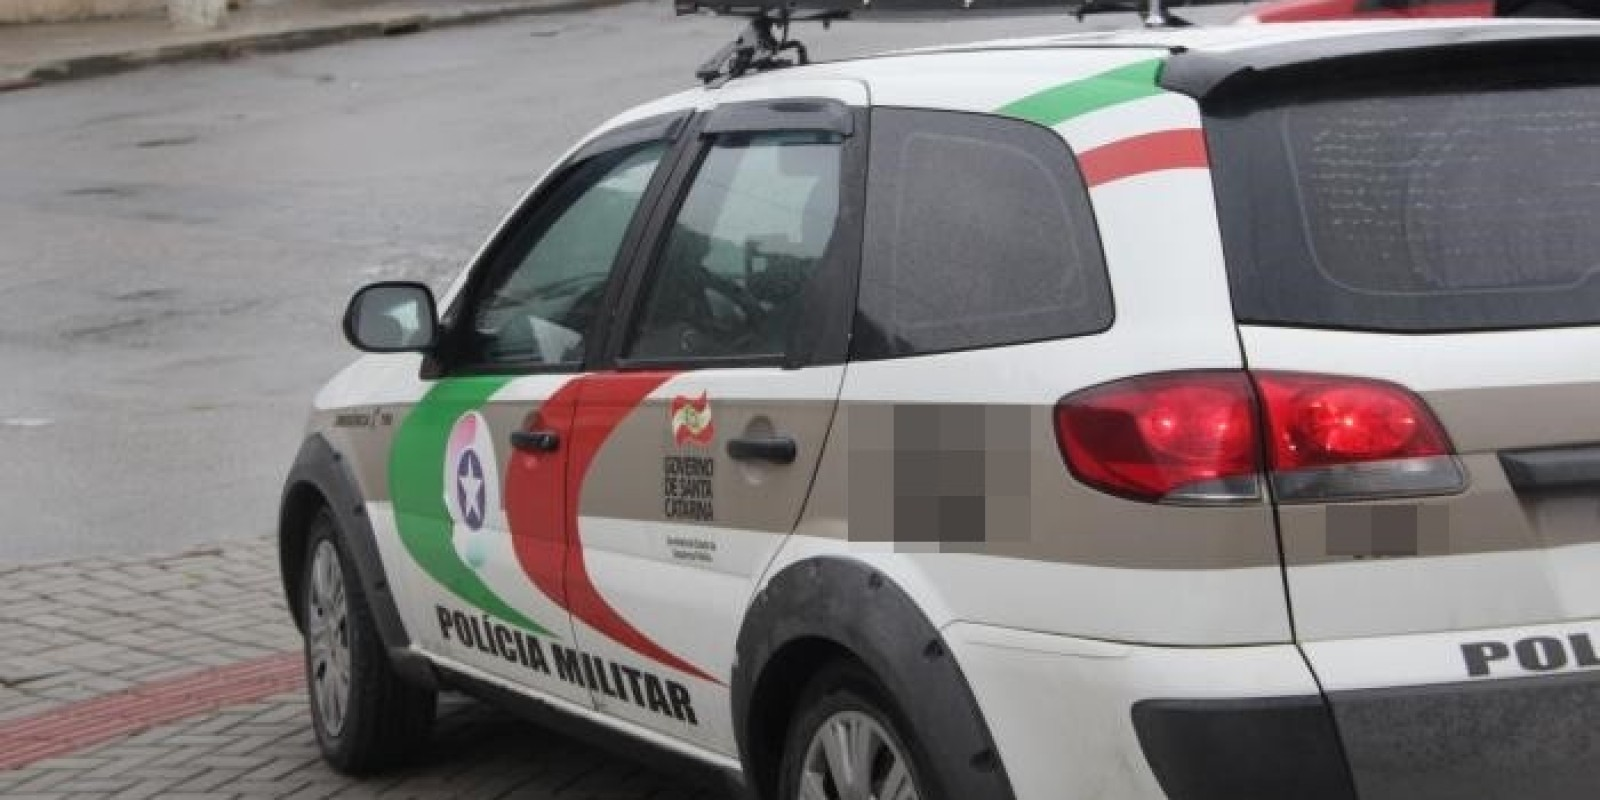 Dois furtos são registrados em veículos, em Braço do Norte